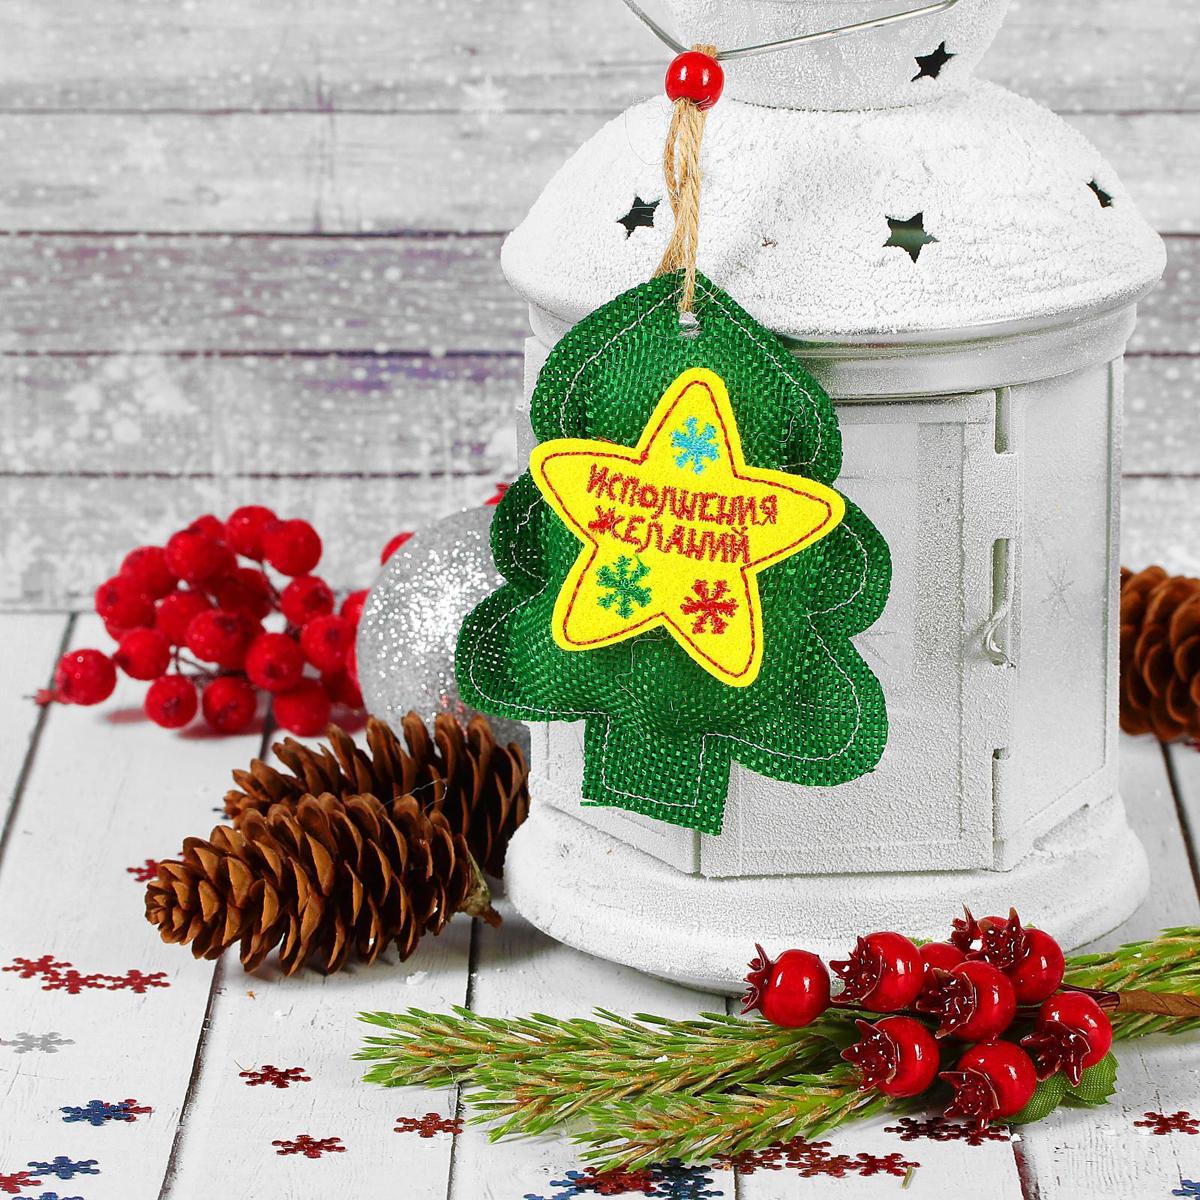 Украшение новогоднее подвесное Страна Карнавалия Исполнения желаний. Елочка2293113Невозможно представить нашу жизнь без праздников! Мы всегда ждём их и предвкушаем, обдумываем, как проведём памятный день, тщательно выбираем подарки и аксессуары, ведь именно они создают и поддерживают торжественный настрой.